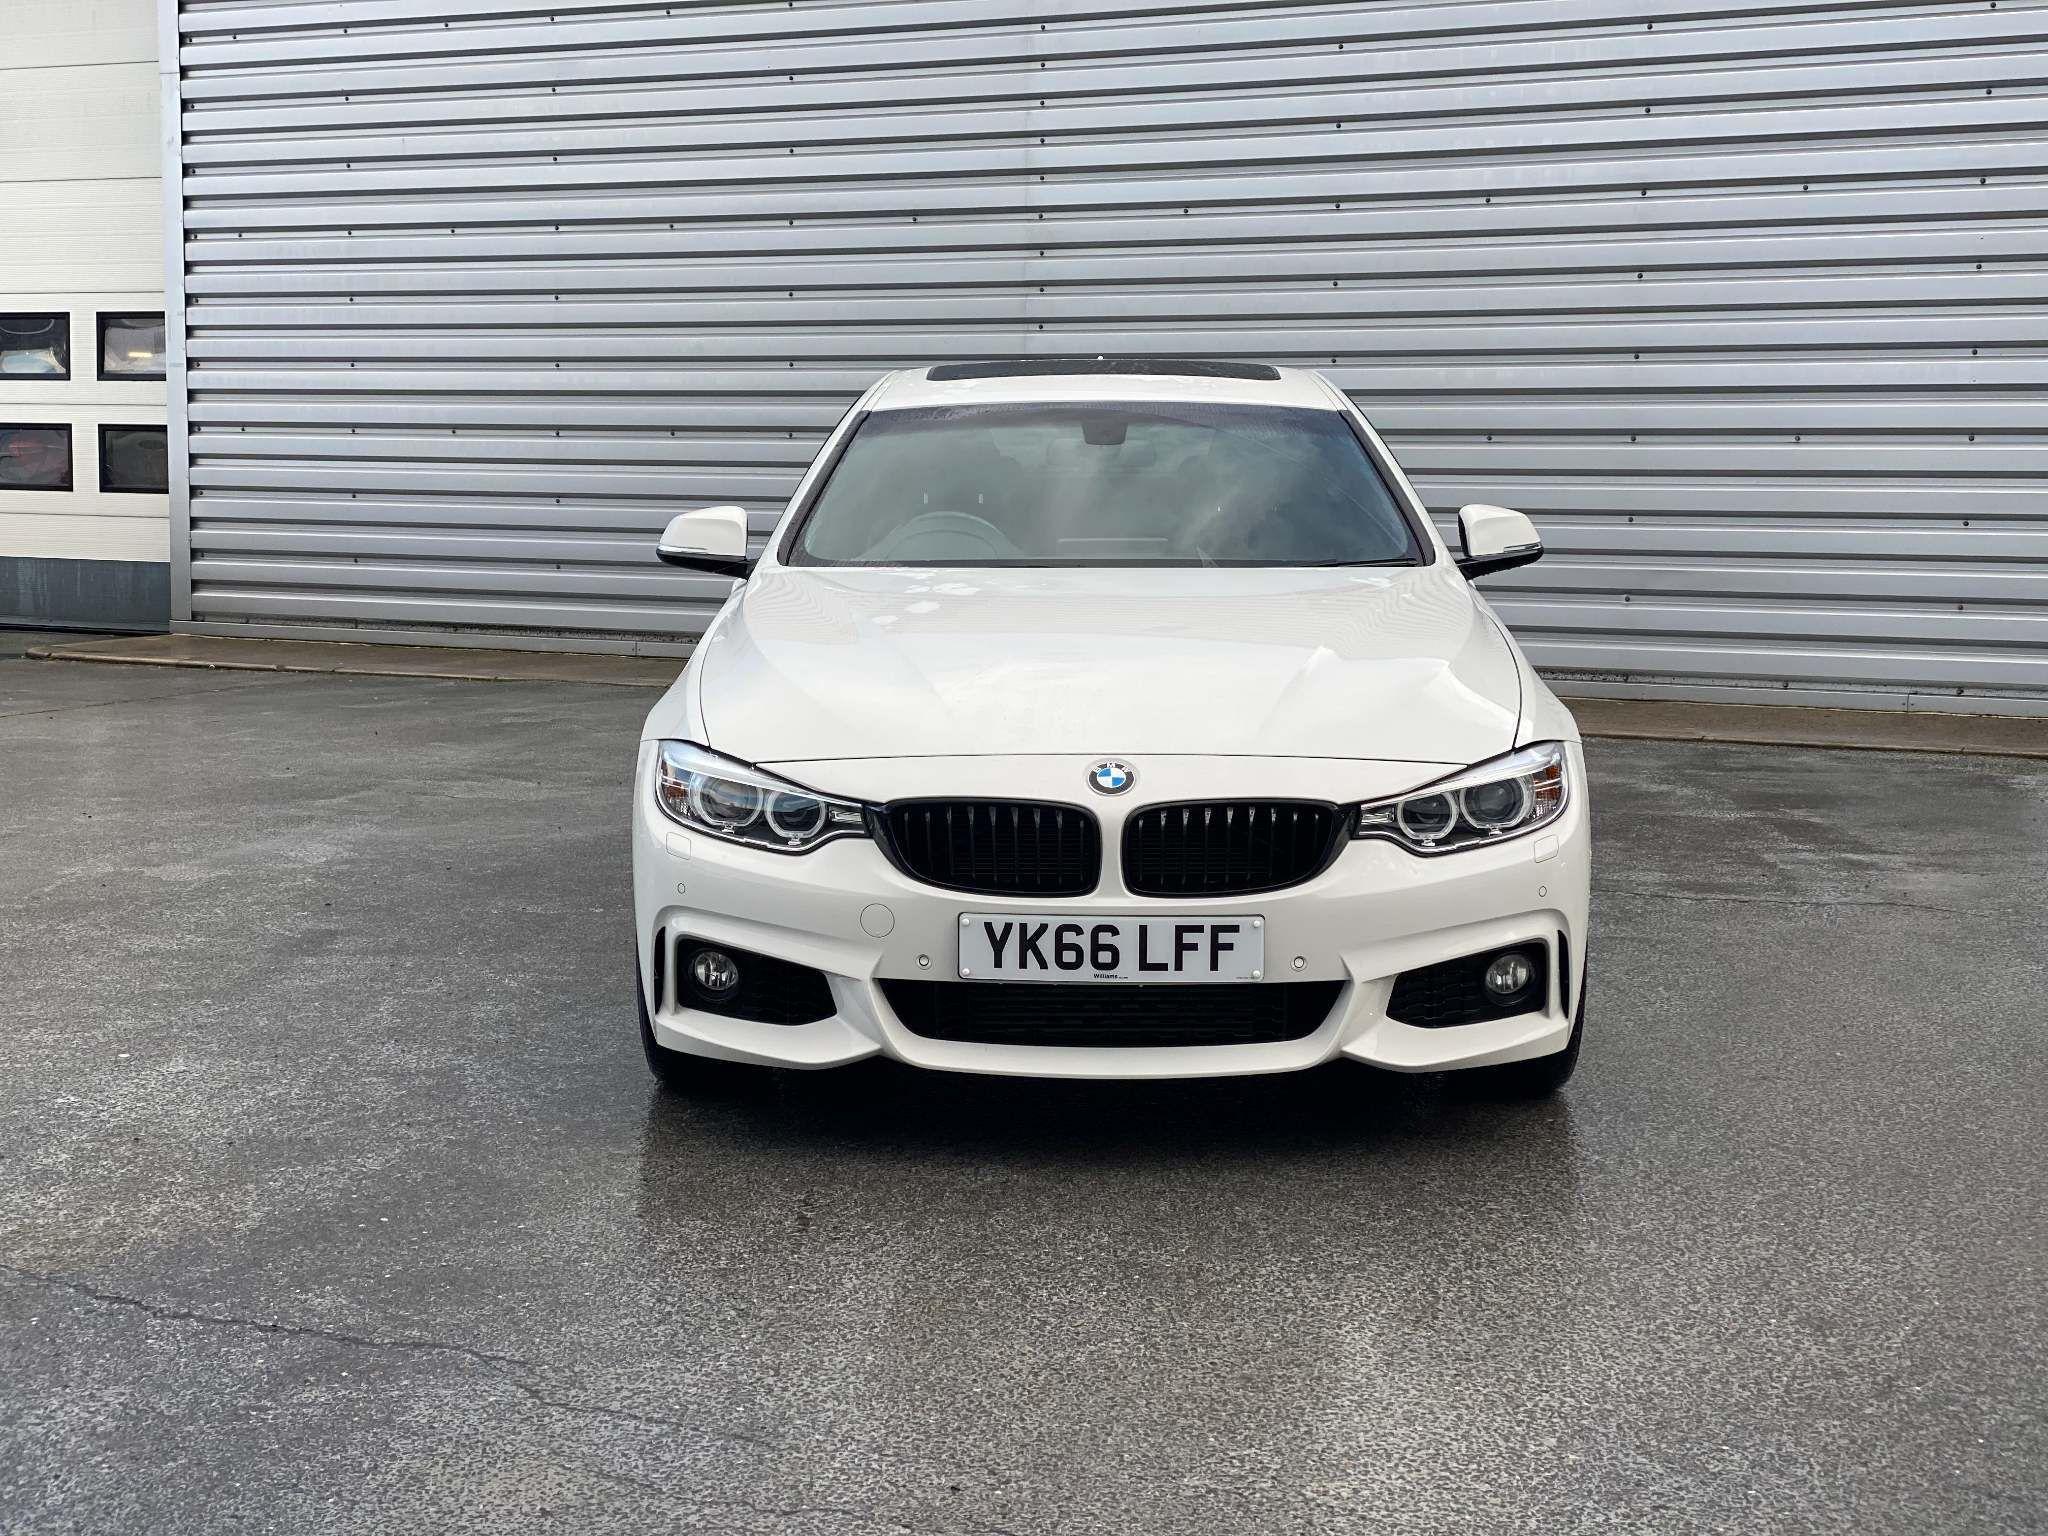 Image 4 - BMW 435d xDrive M Sport Gran Coupe (YK66LFF)